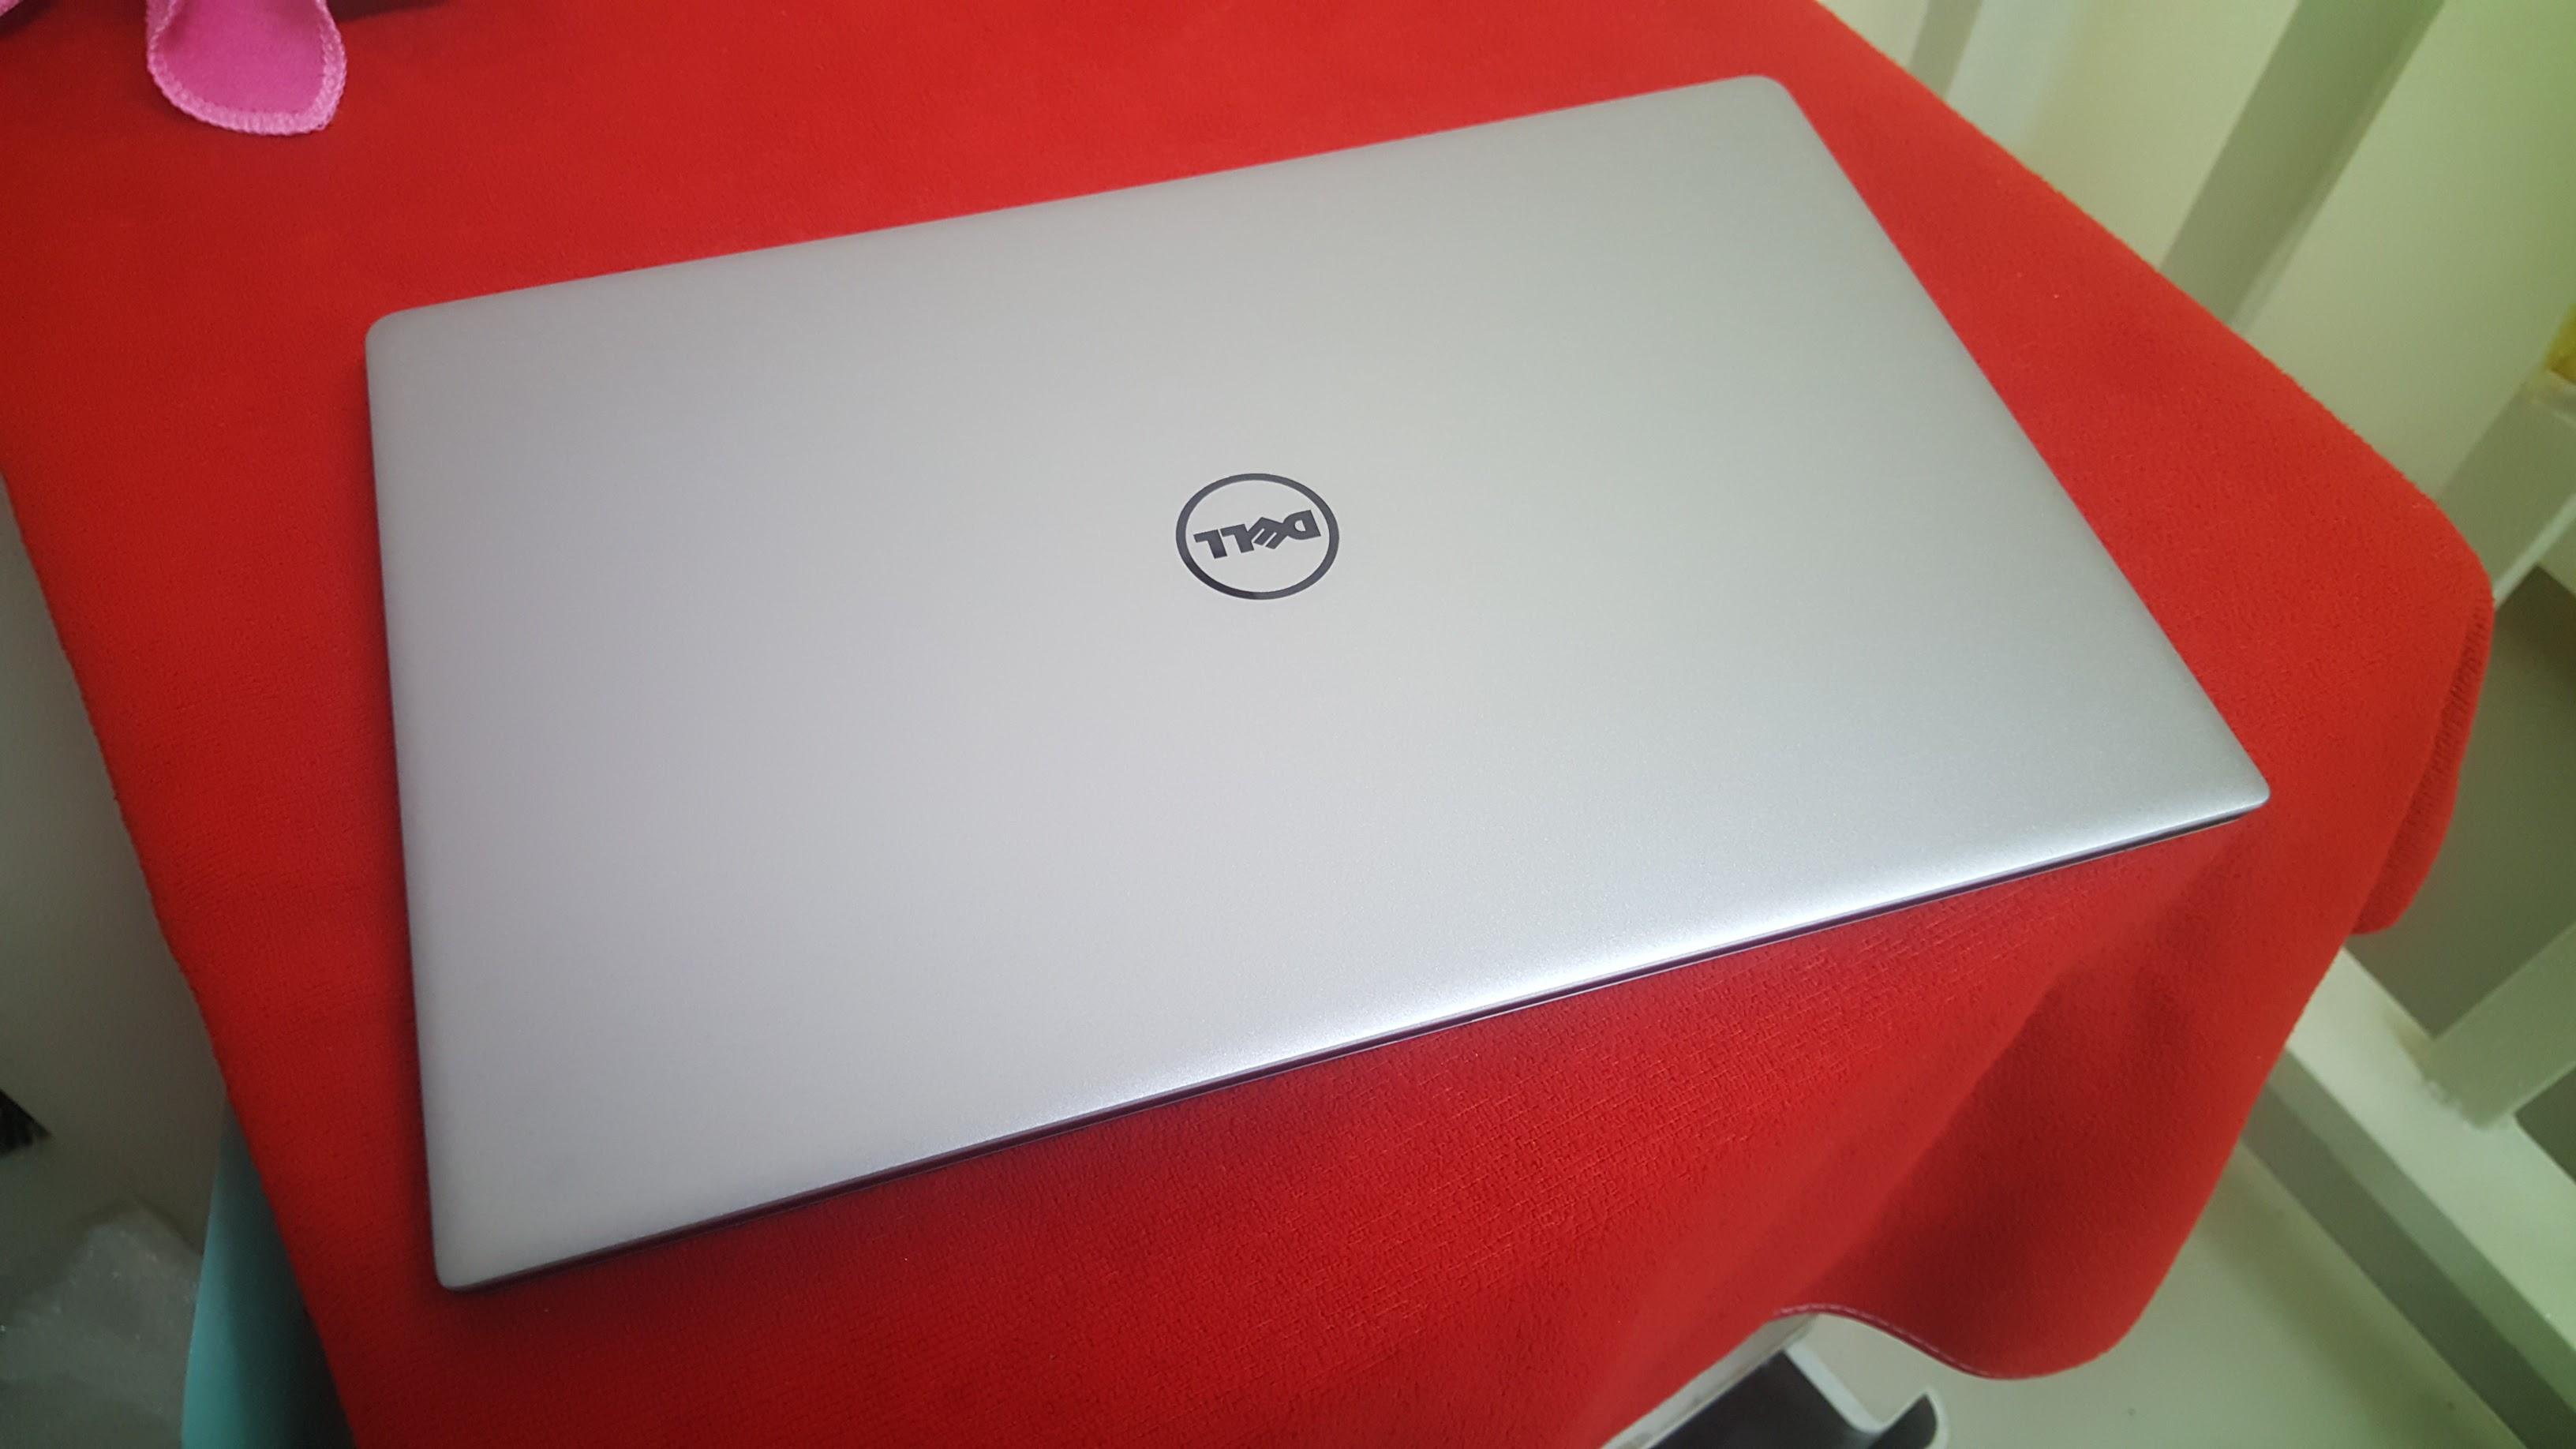 ขาย Dell XPS 13 i5 Gen6 6200u ssd 256GB RAM 8GB ส.สวย แบต100% เบาๆ